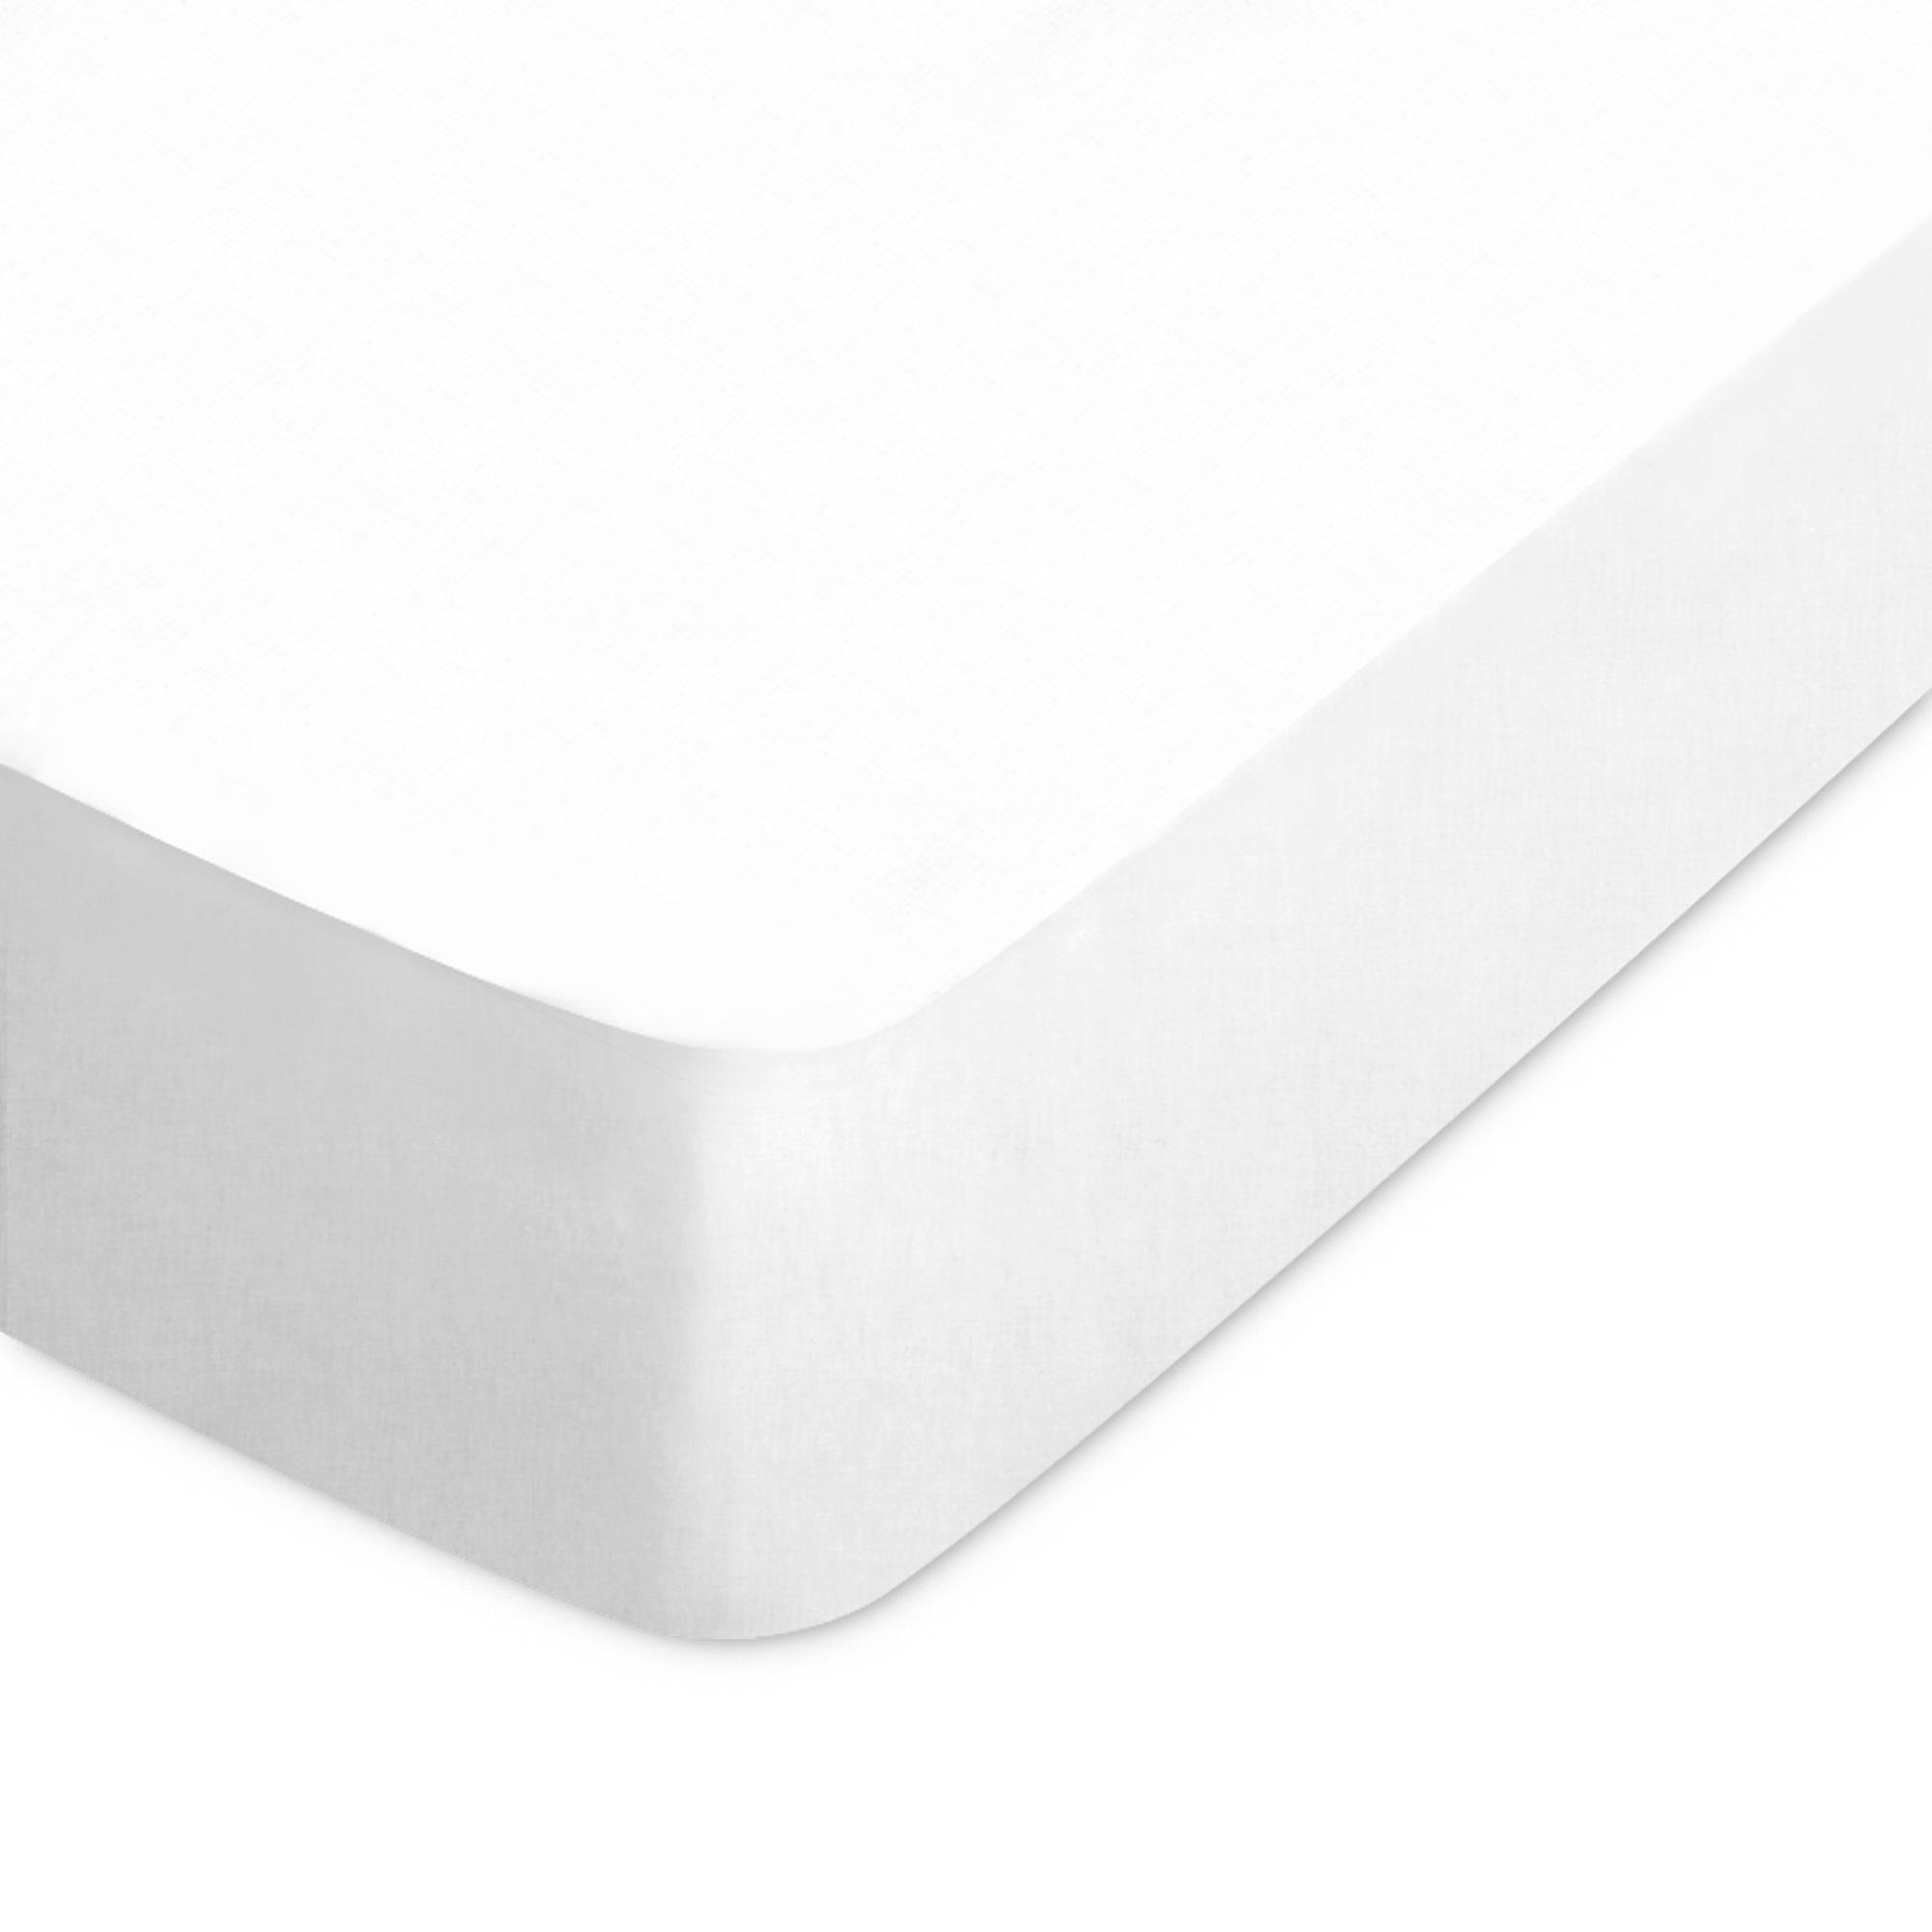 drap housse 160x190cm uni pur coton alto blanc linnea linge de maison et. Black Bedroom Furniture Sets. Home Design Ideas